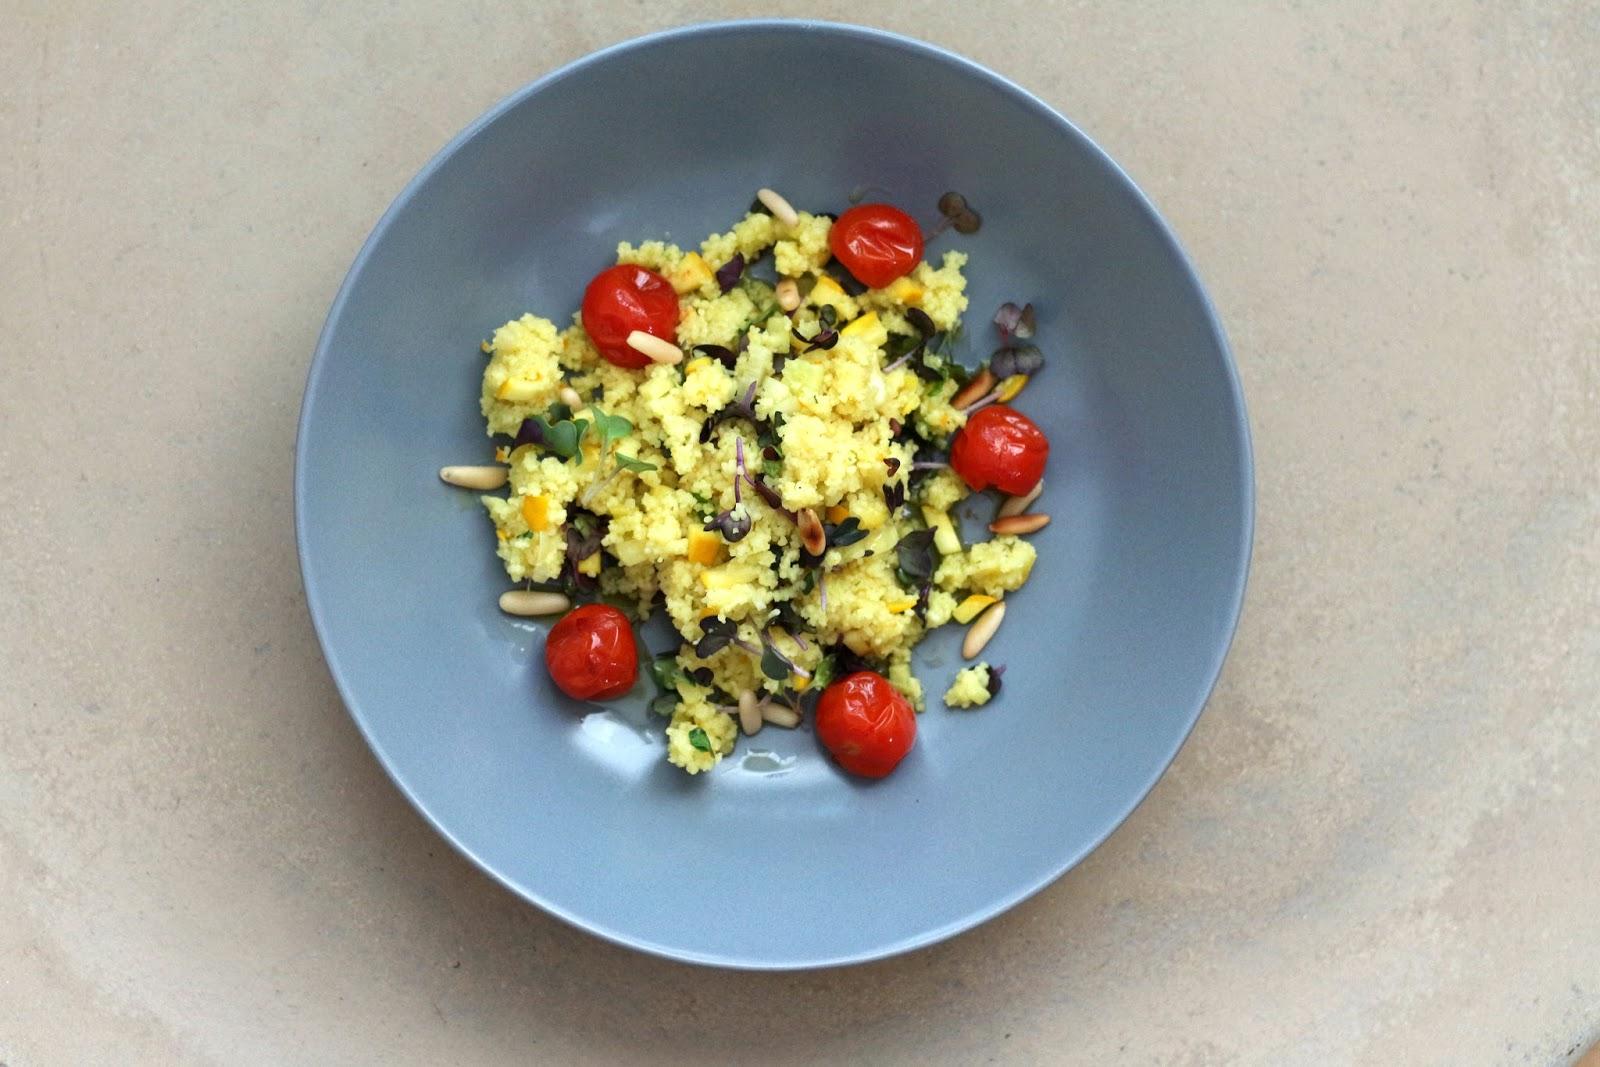 Couscous mit sautierter gelber Zucchini, in Rosmarinöl confierten Tomaten, Pinienkernen und Rettichsprossen